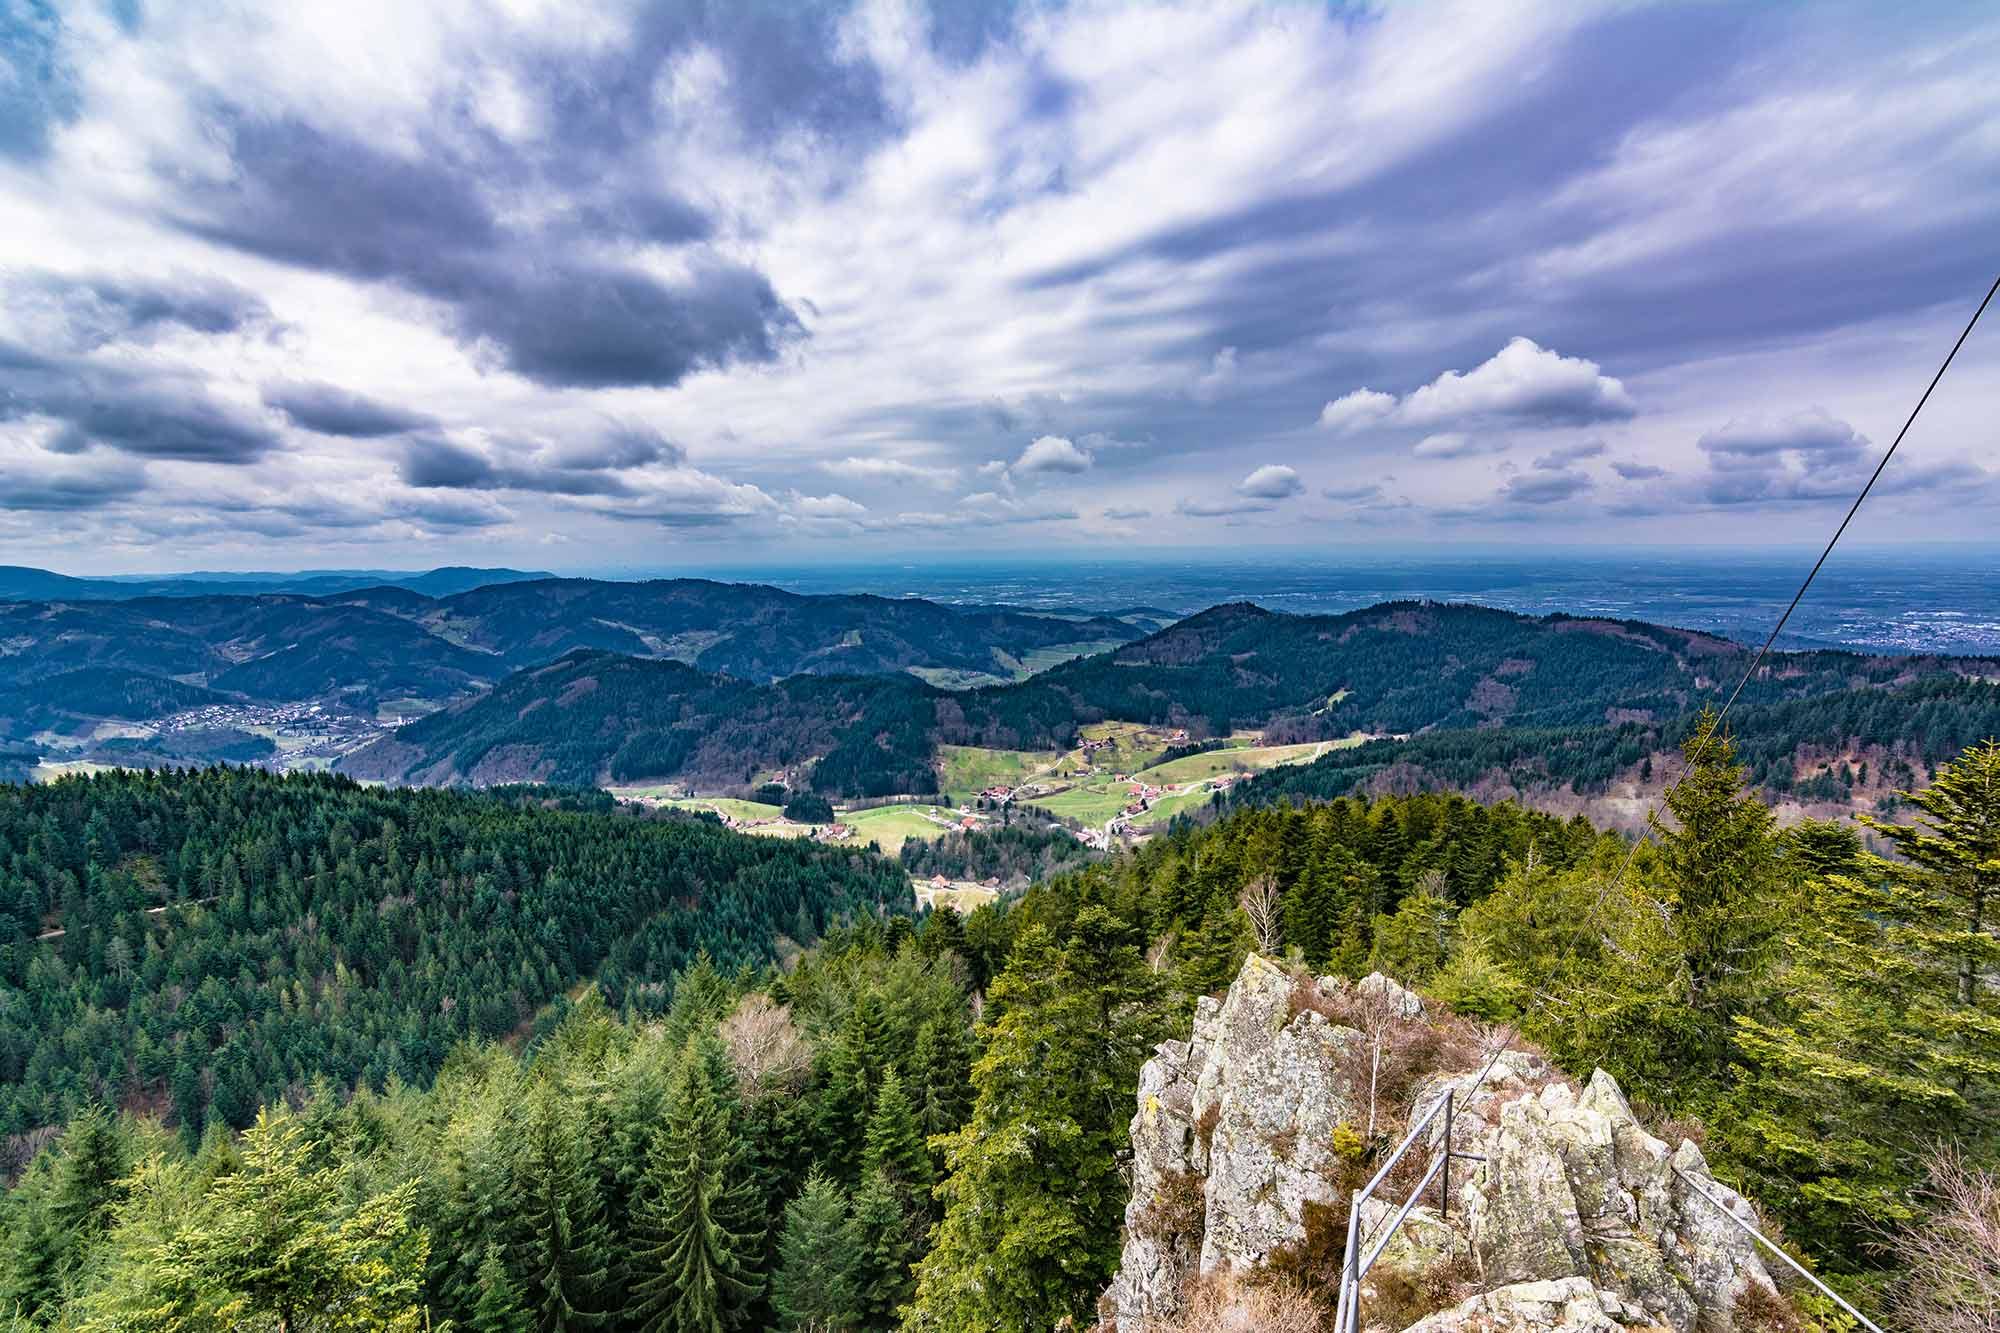 Im Bild ist die Aussicht vom Hohfelsen im Süden Baden-Württembergs zu sehen